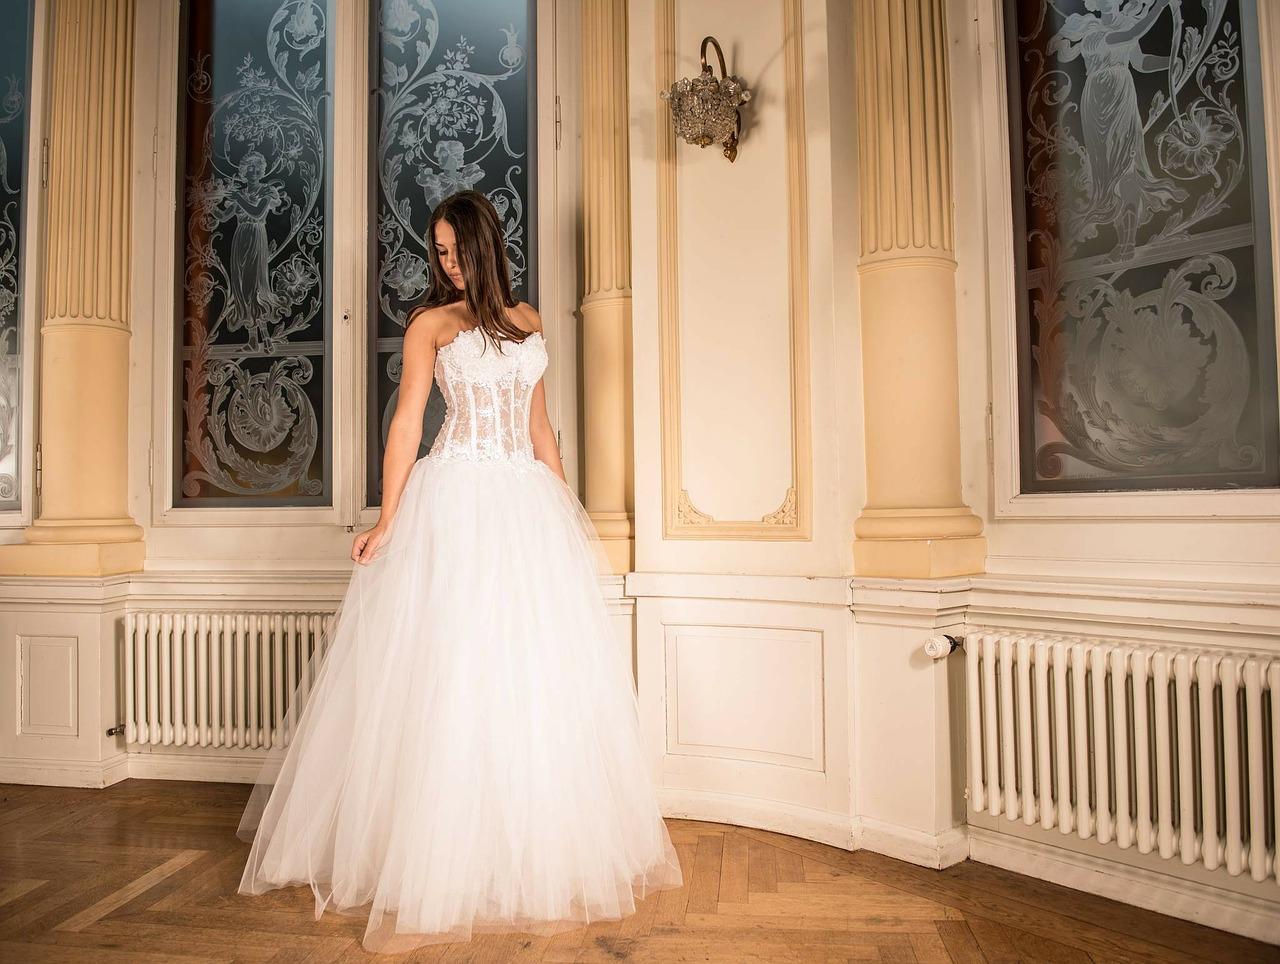 wedding girl photo